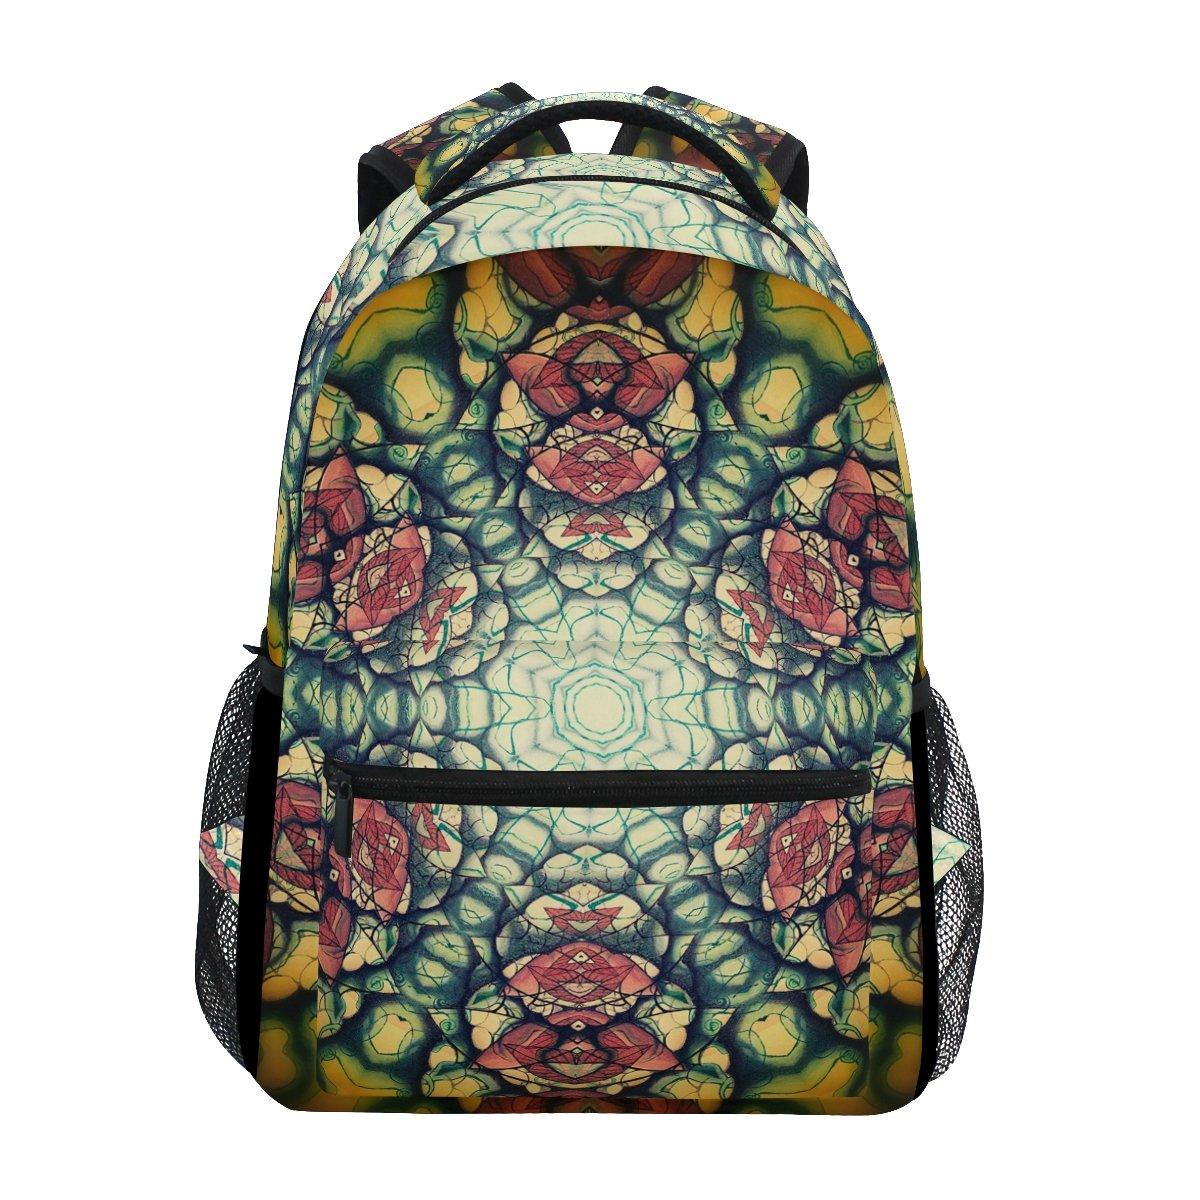 TIZORAX Mandala-yellow-brown-flower-backpack Sac d'école pour randonnée Voyage Sac à dos